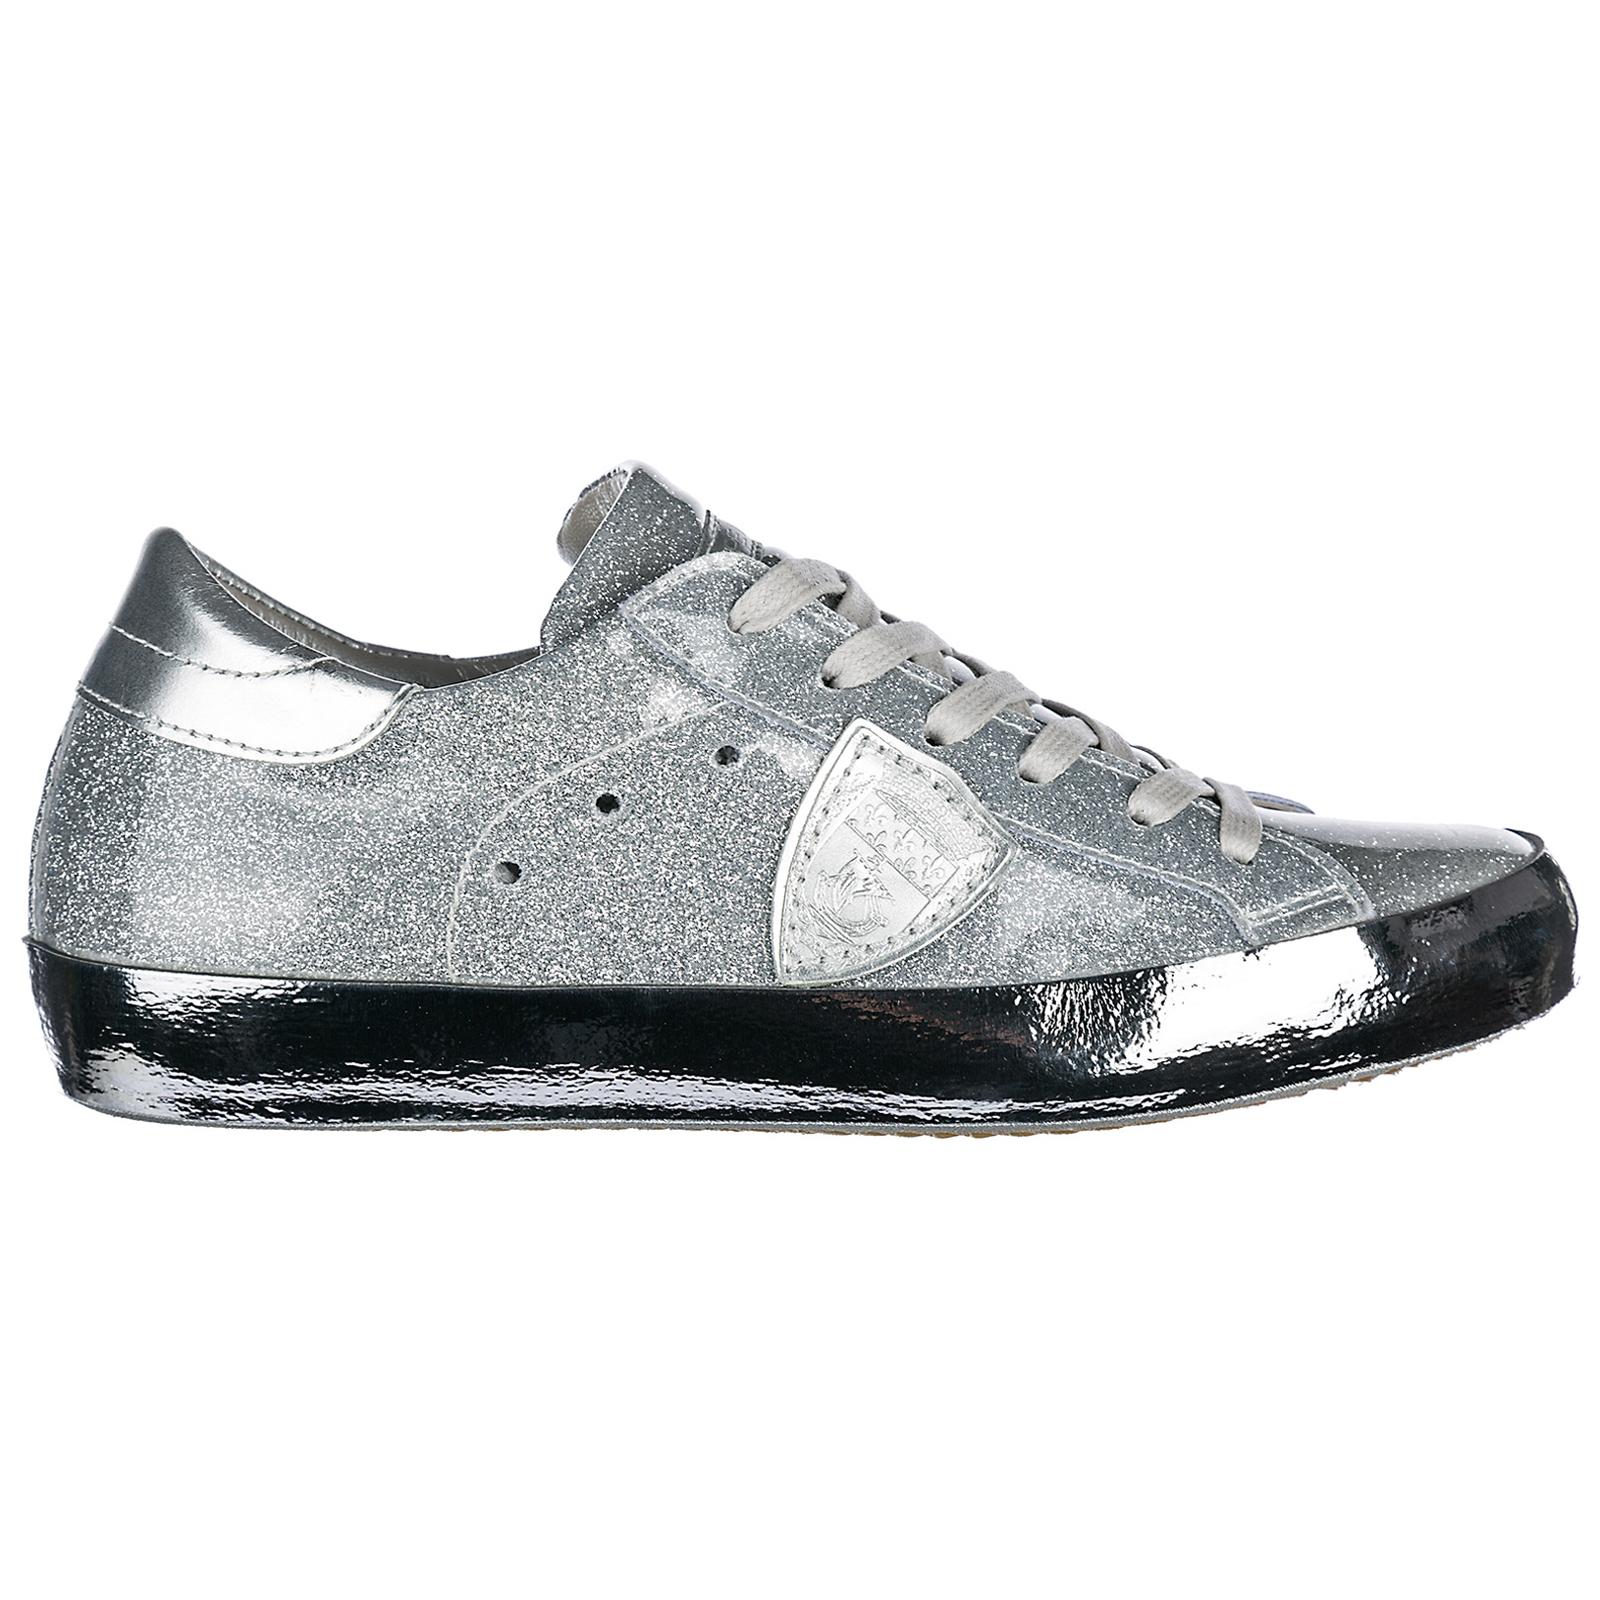 Zapatos zapatillas de deporte mujer  paris